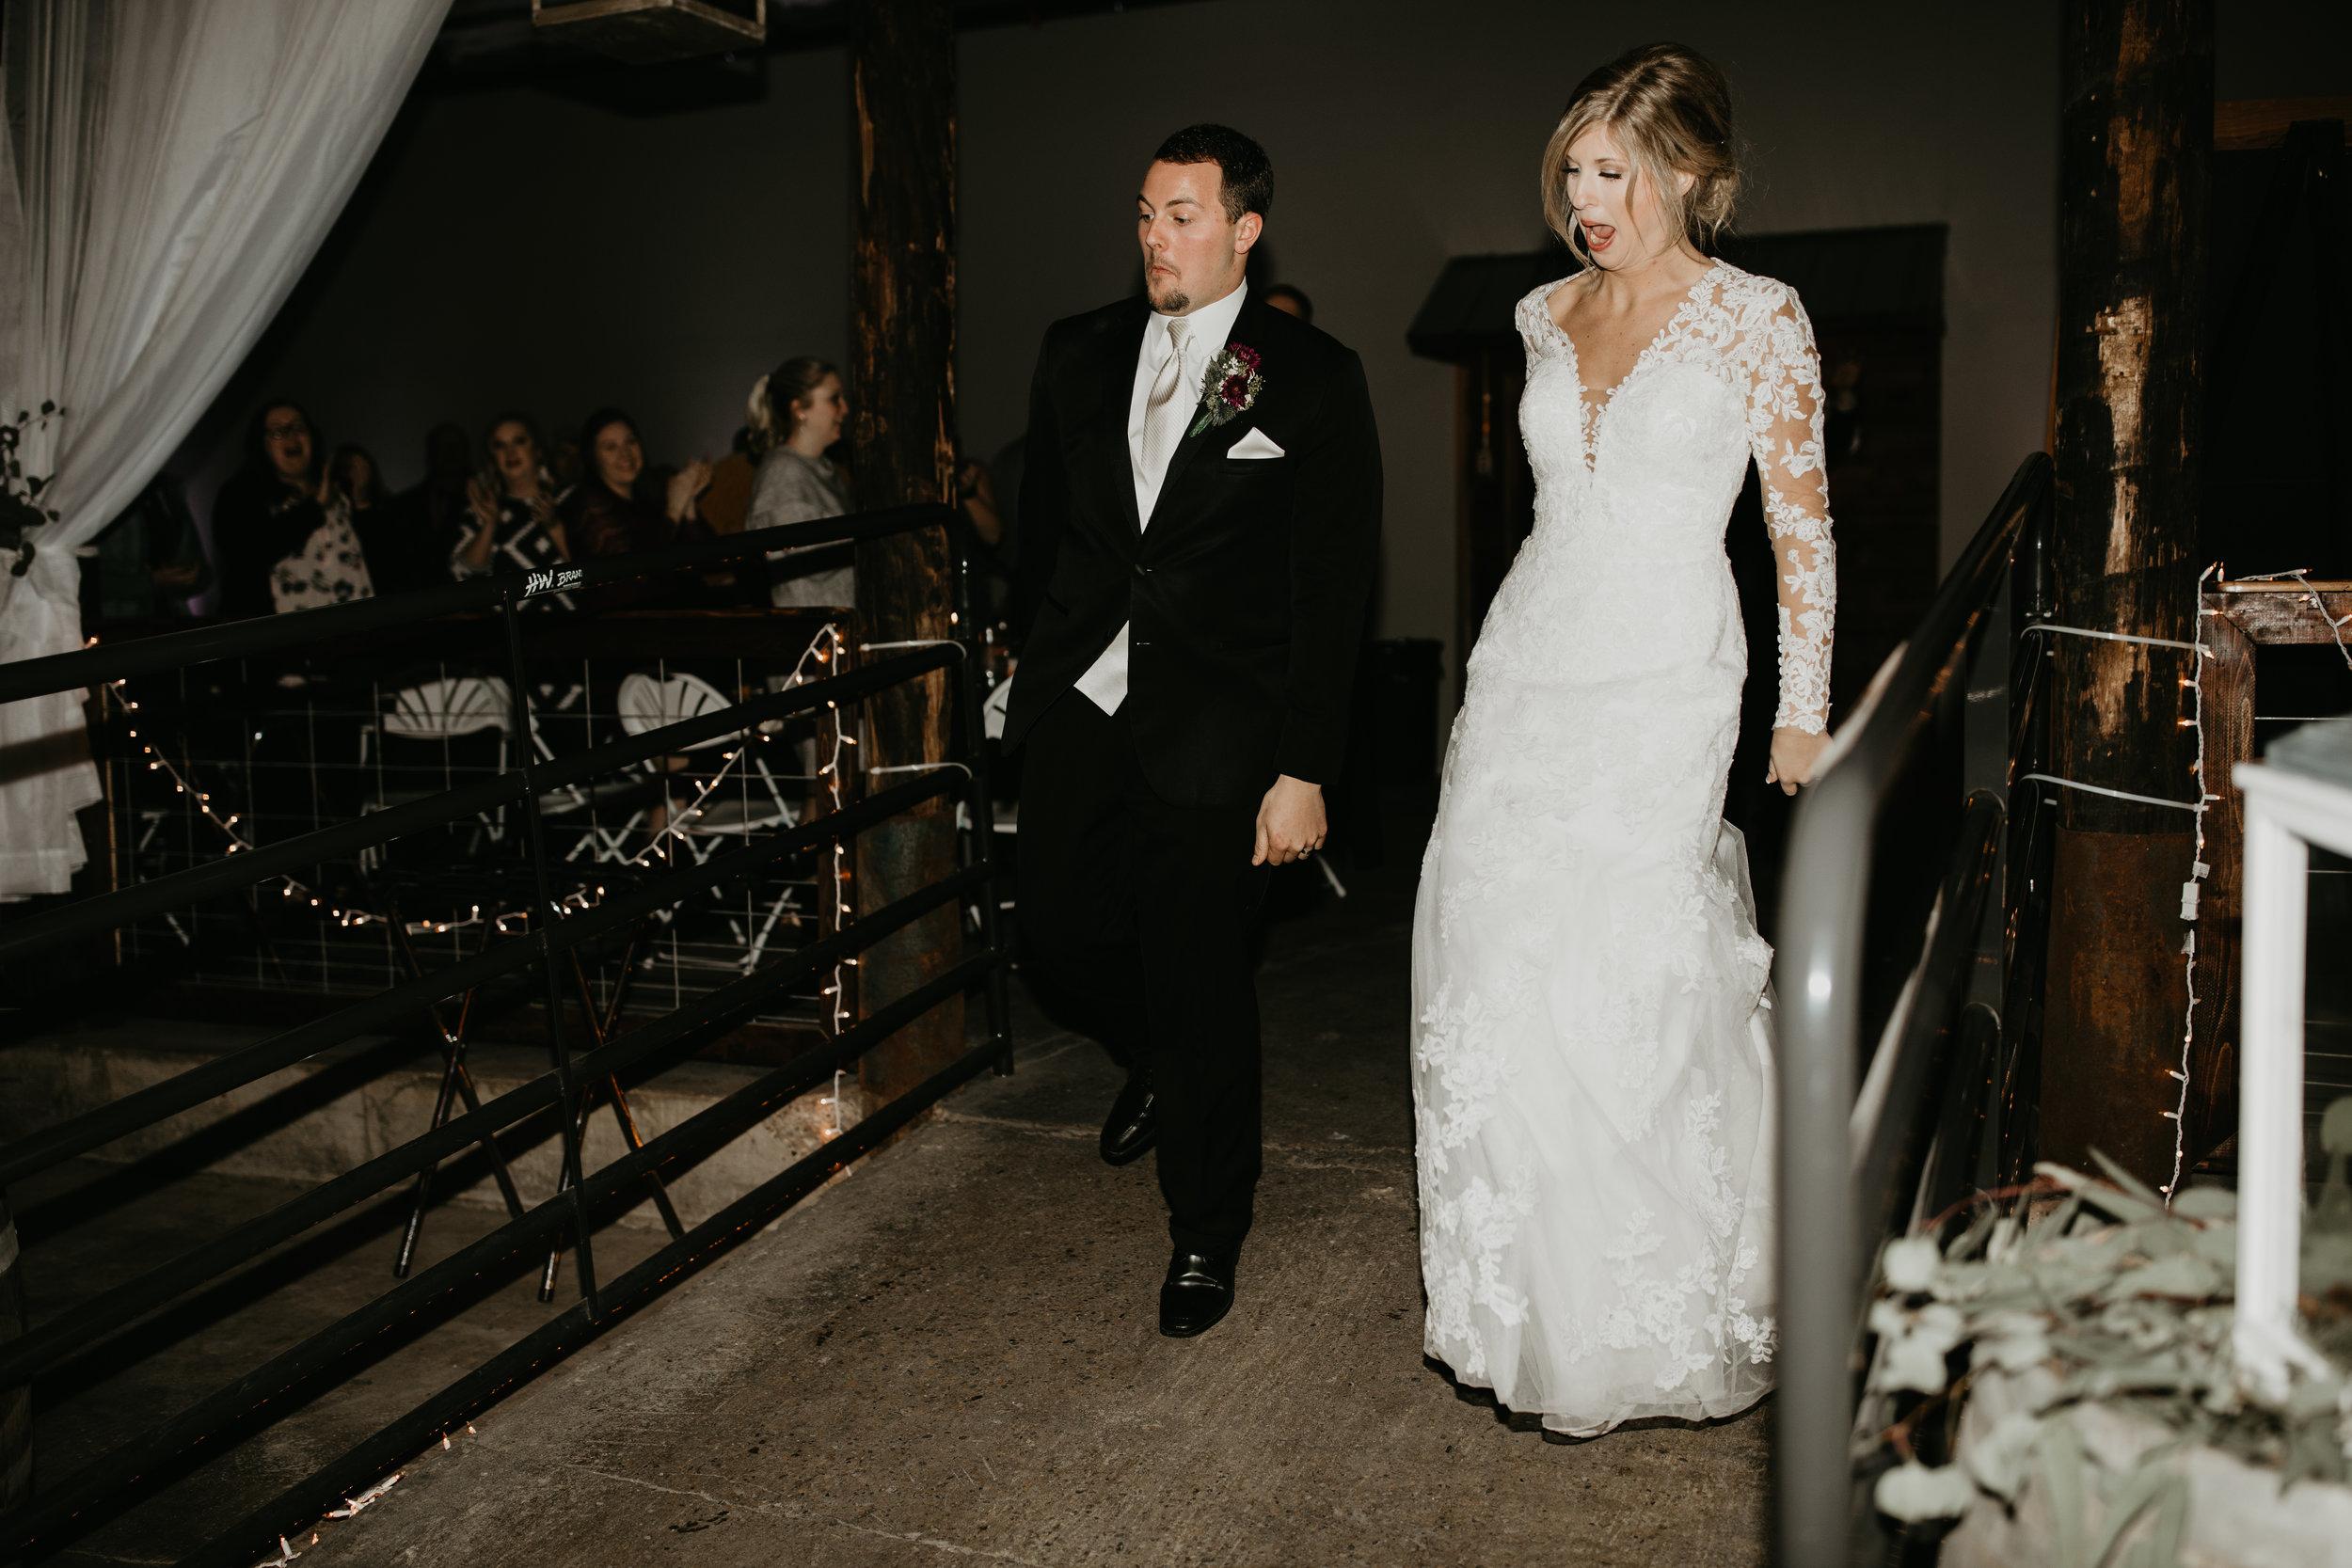 STADHEIM WED | Katie Wilke Co698.jpg